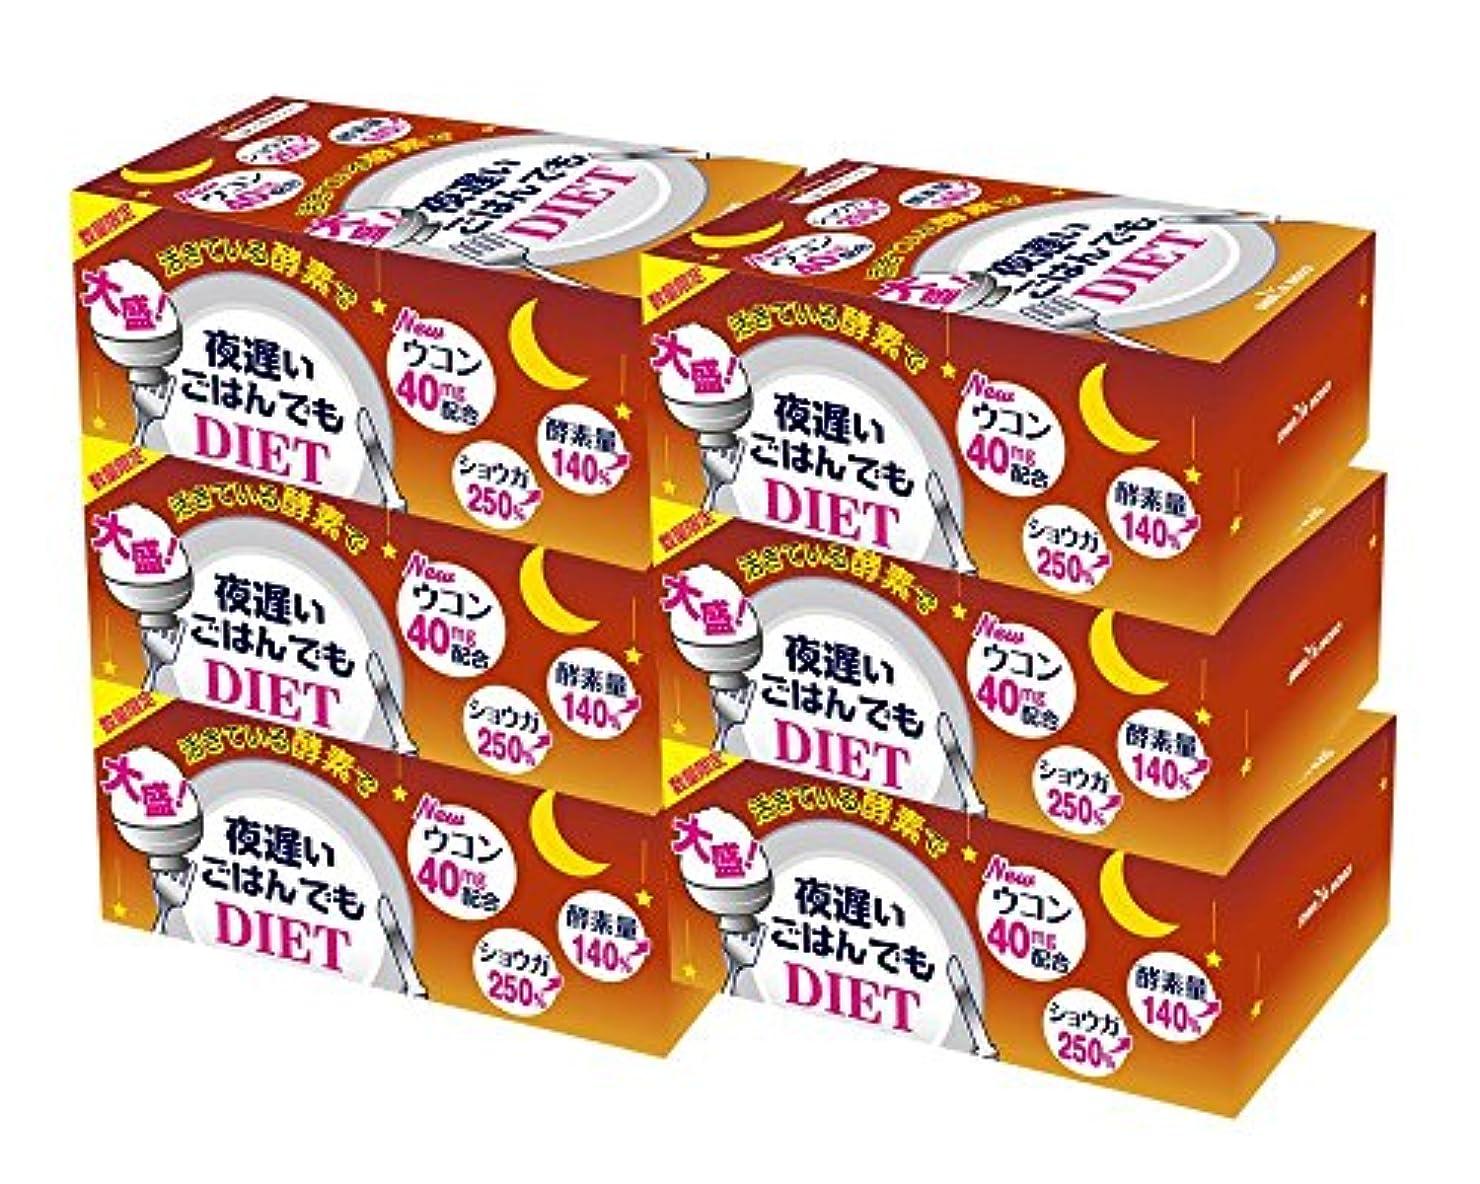 自由バングラデシュ治安判事新谷酵素 夜遅いごはんでも 大盛 180粒 6箱セット